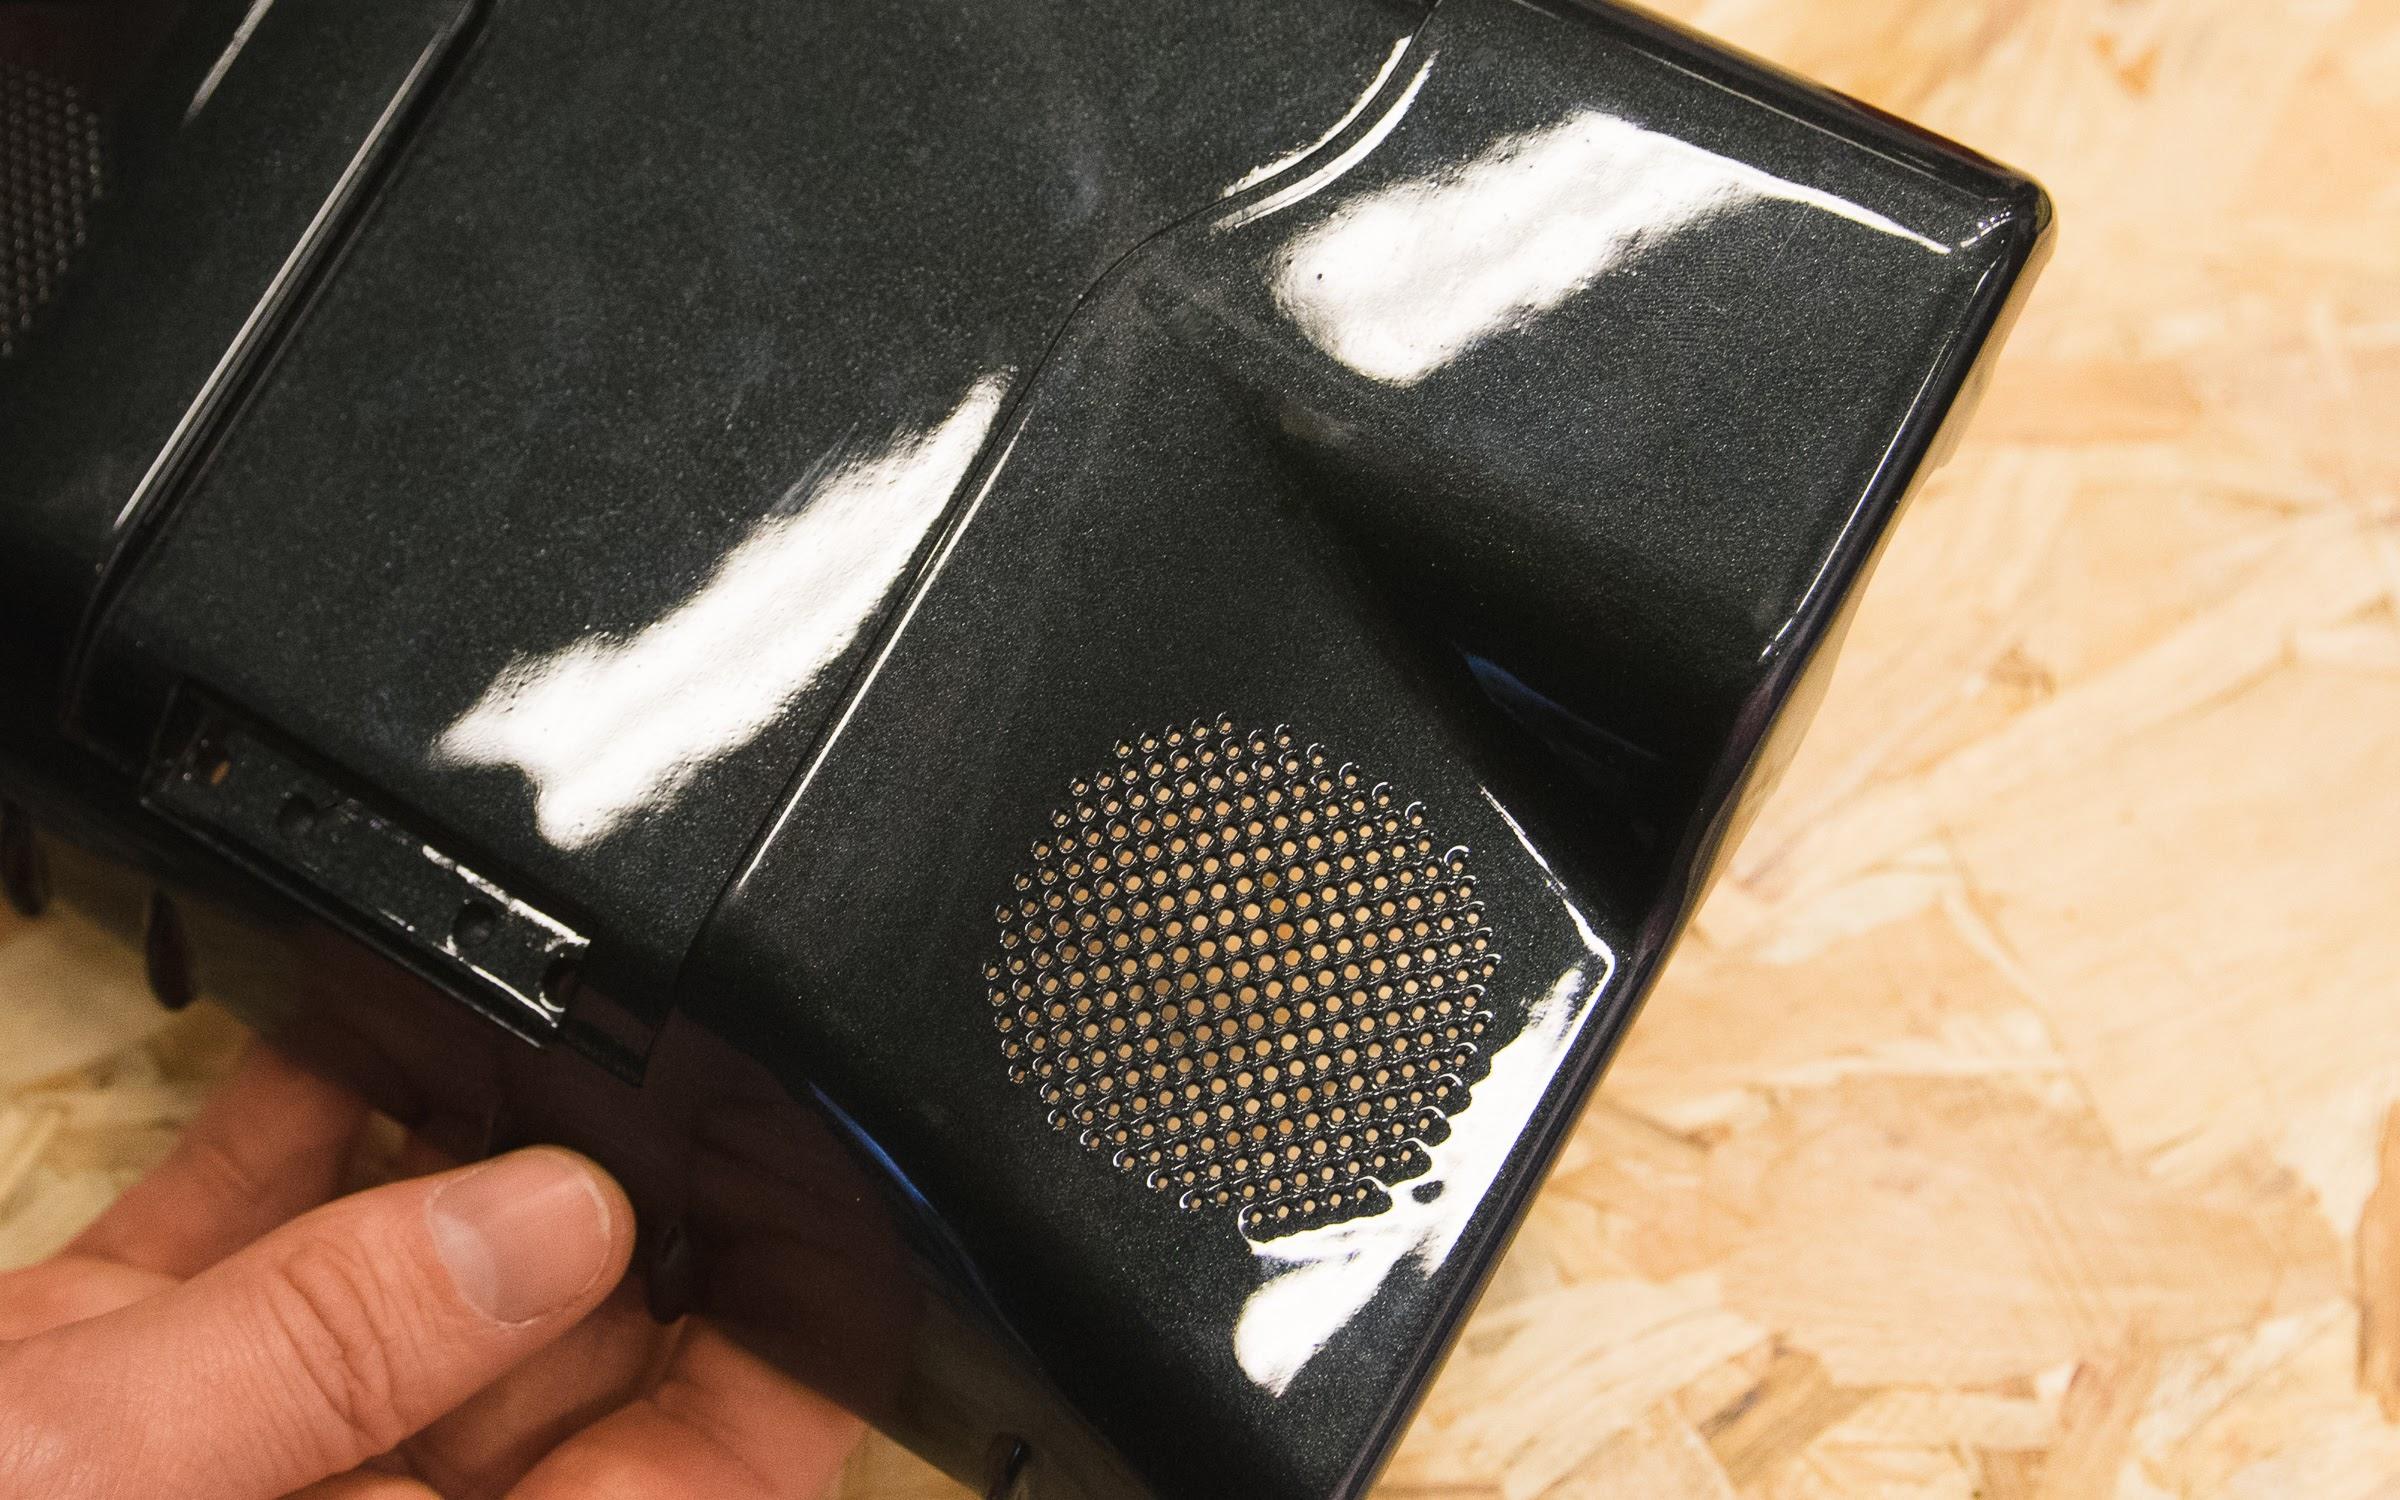 Глянцевая окраска распылением на части SLS